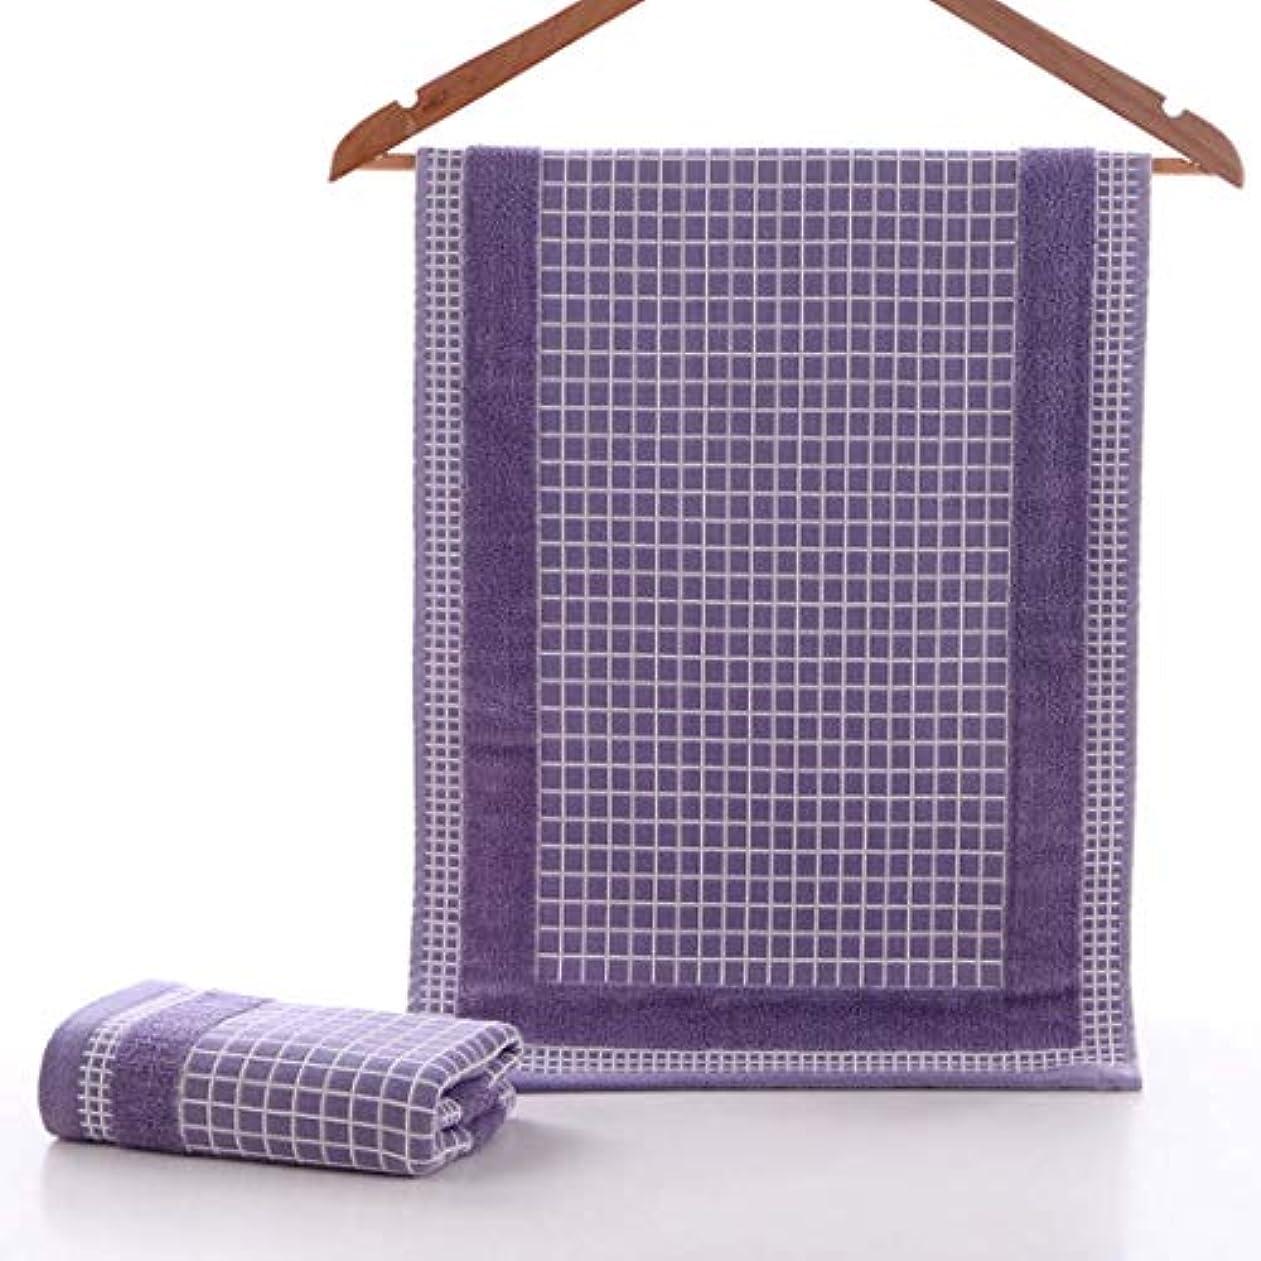 どっち尽きる個人的なスーパーソフトコットンタオルコットンフェイスタオル吸収性フェイスタオル,Purple,34*75